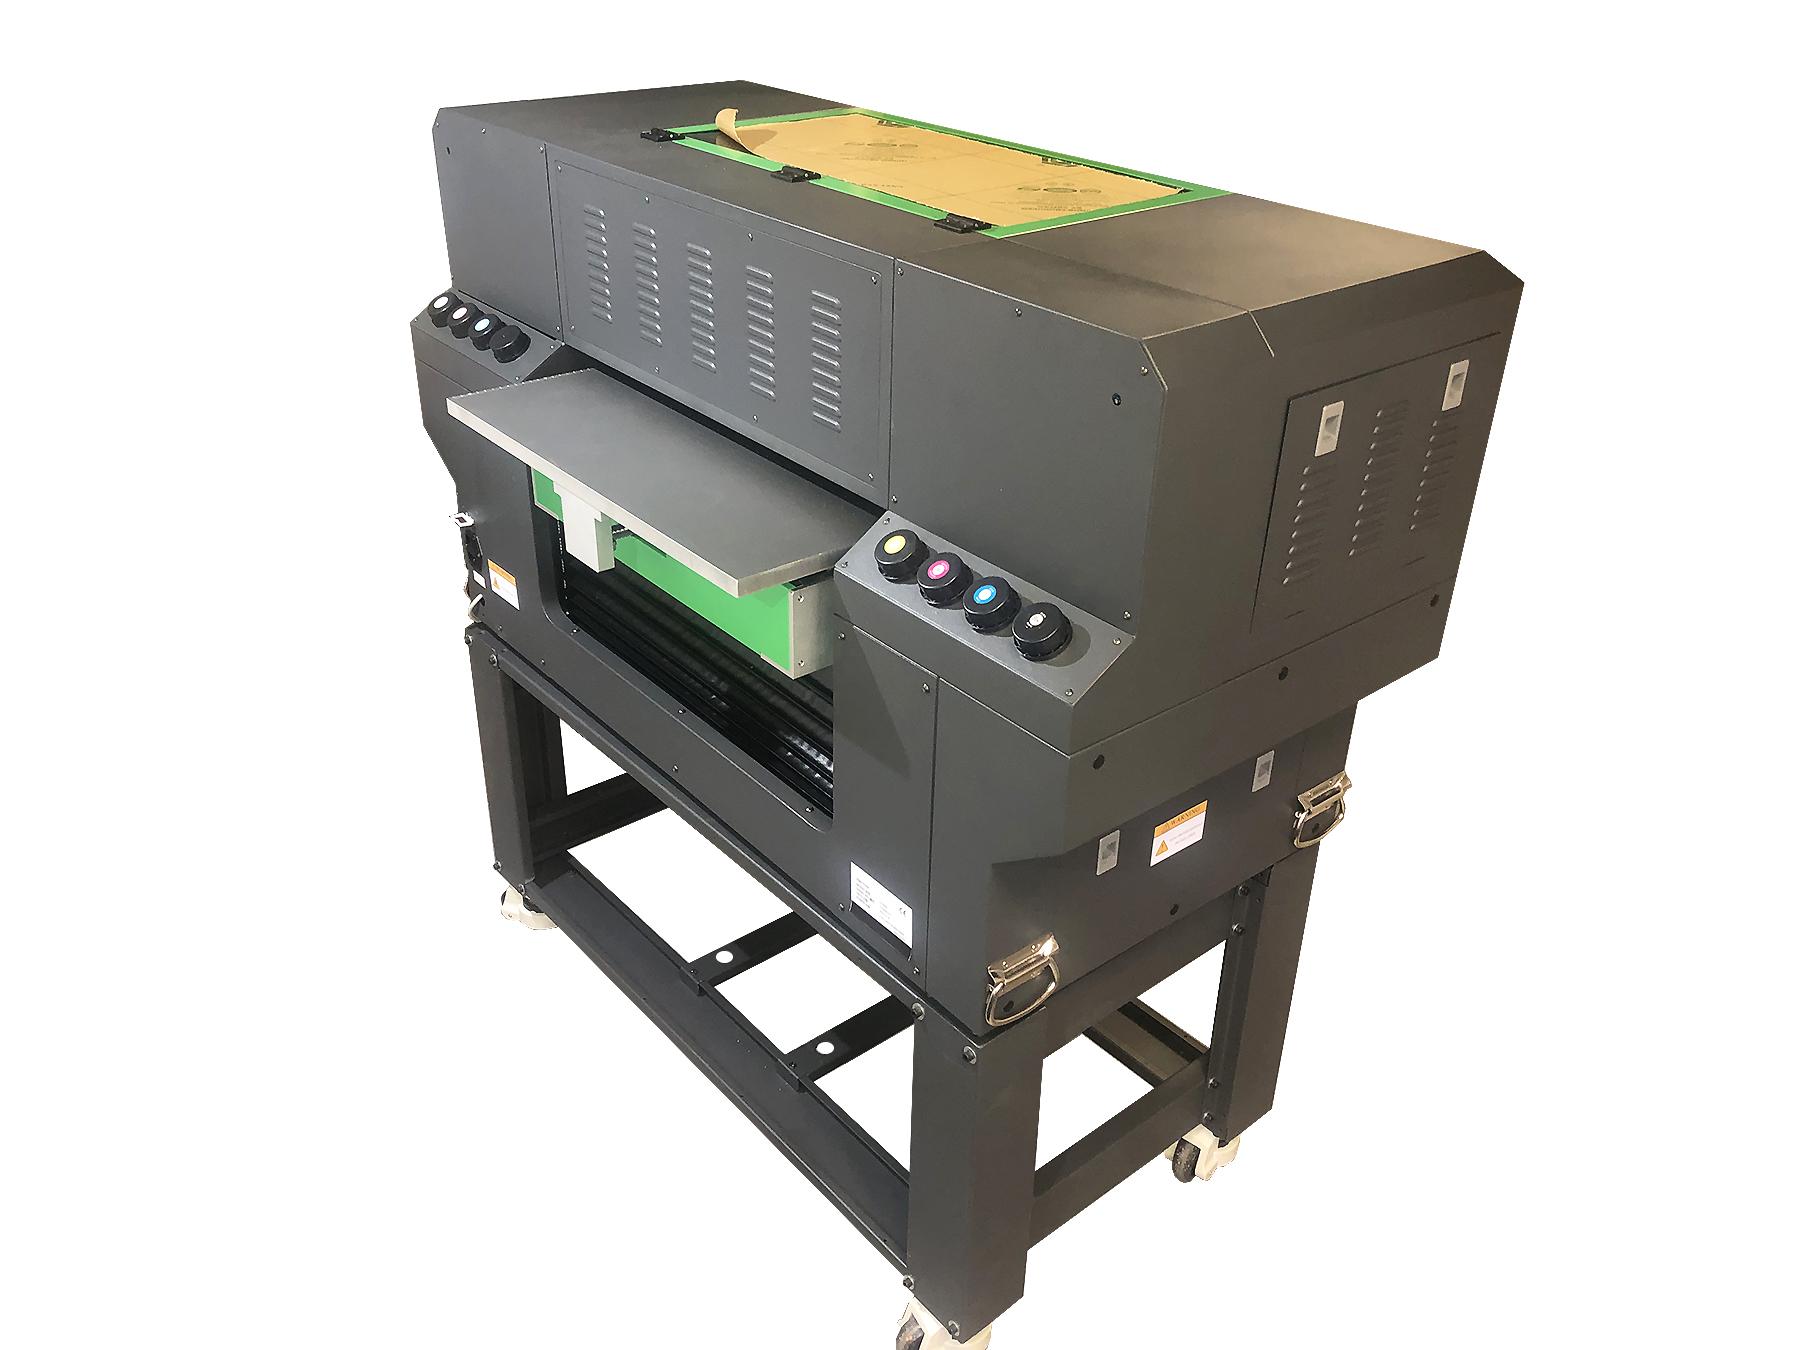 Flachbett UV Drucker von linker Seite